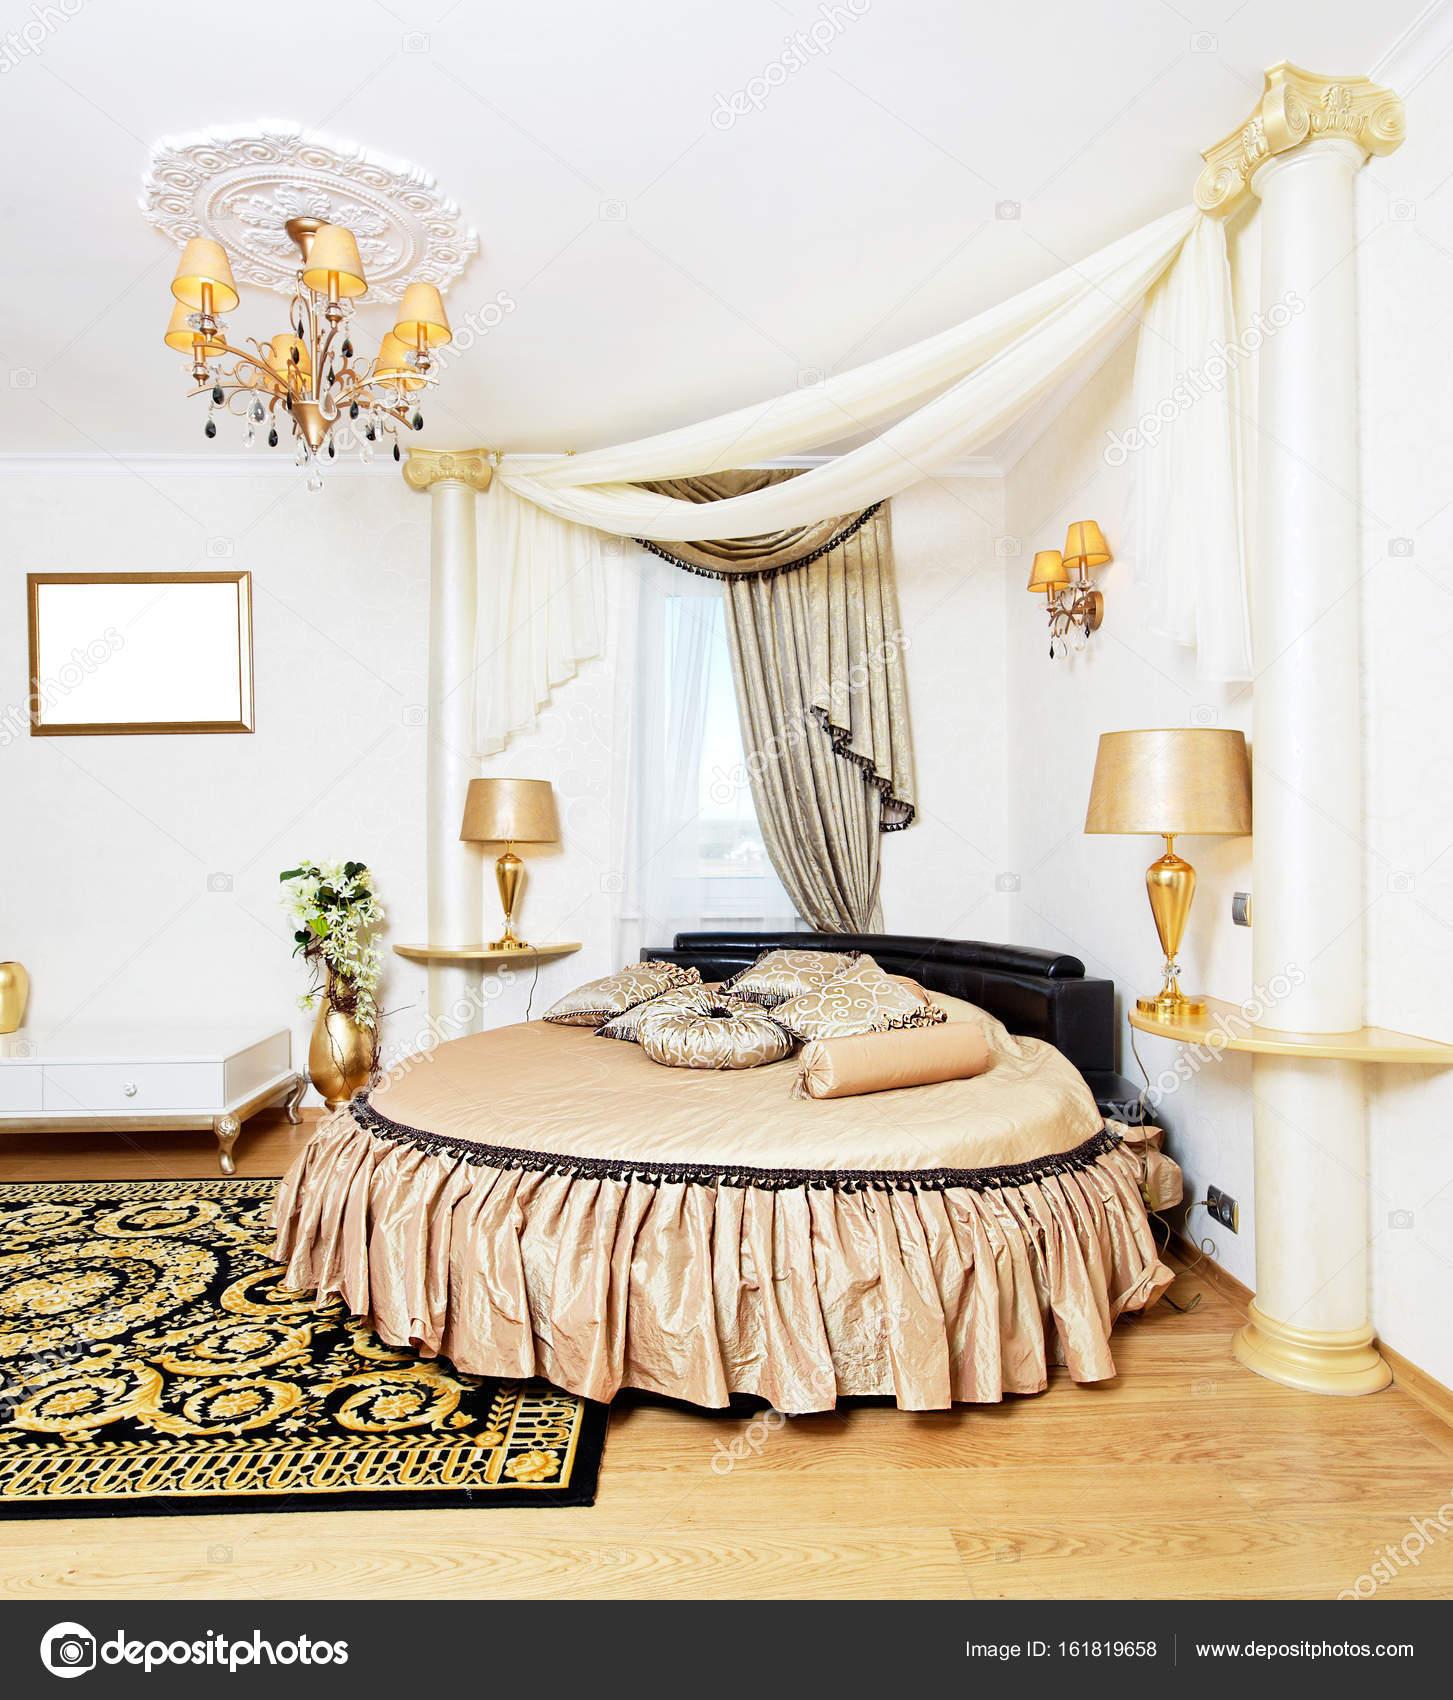 cassical gouden slaapkamer interieur met ronde bed foto van rawgroup